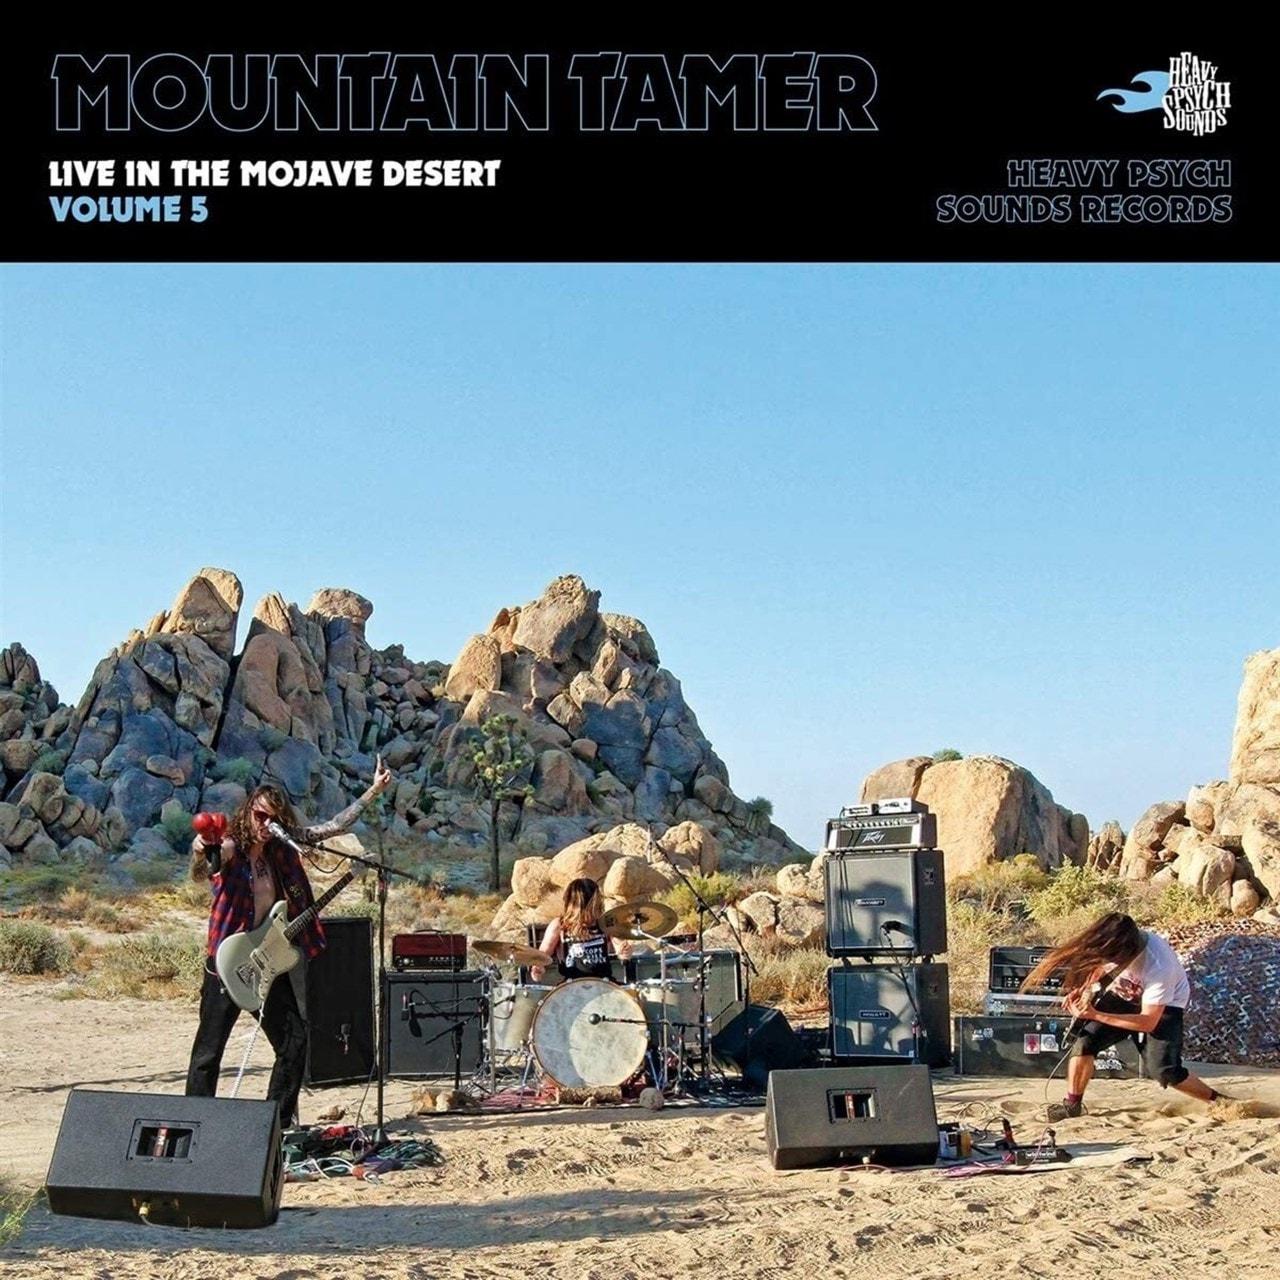 Live in the Mojave Desert - Volume 5 - 1